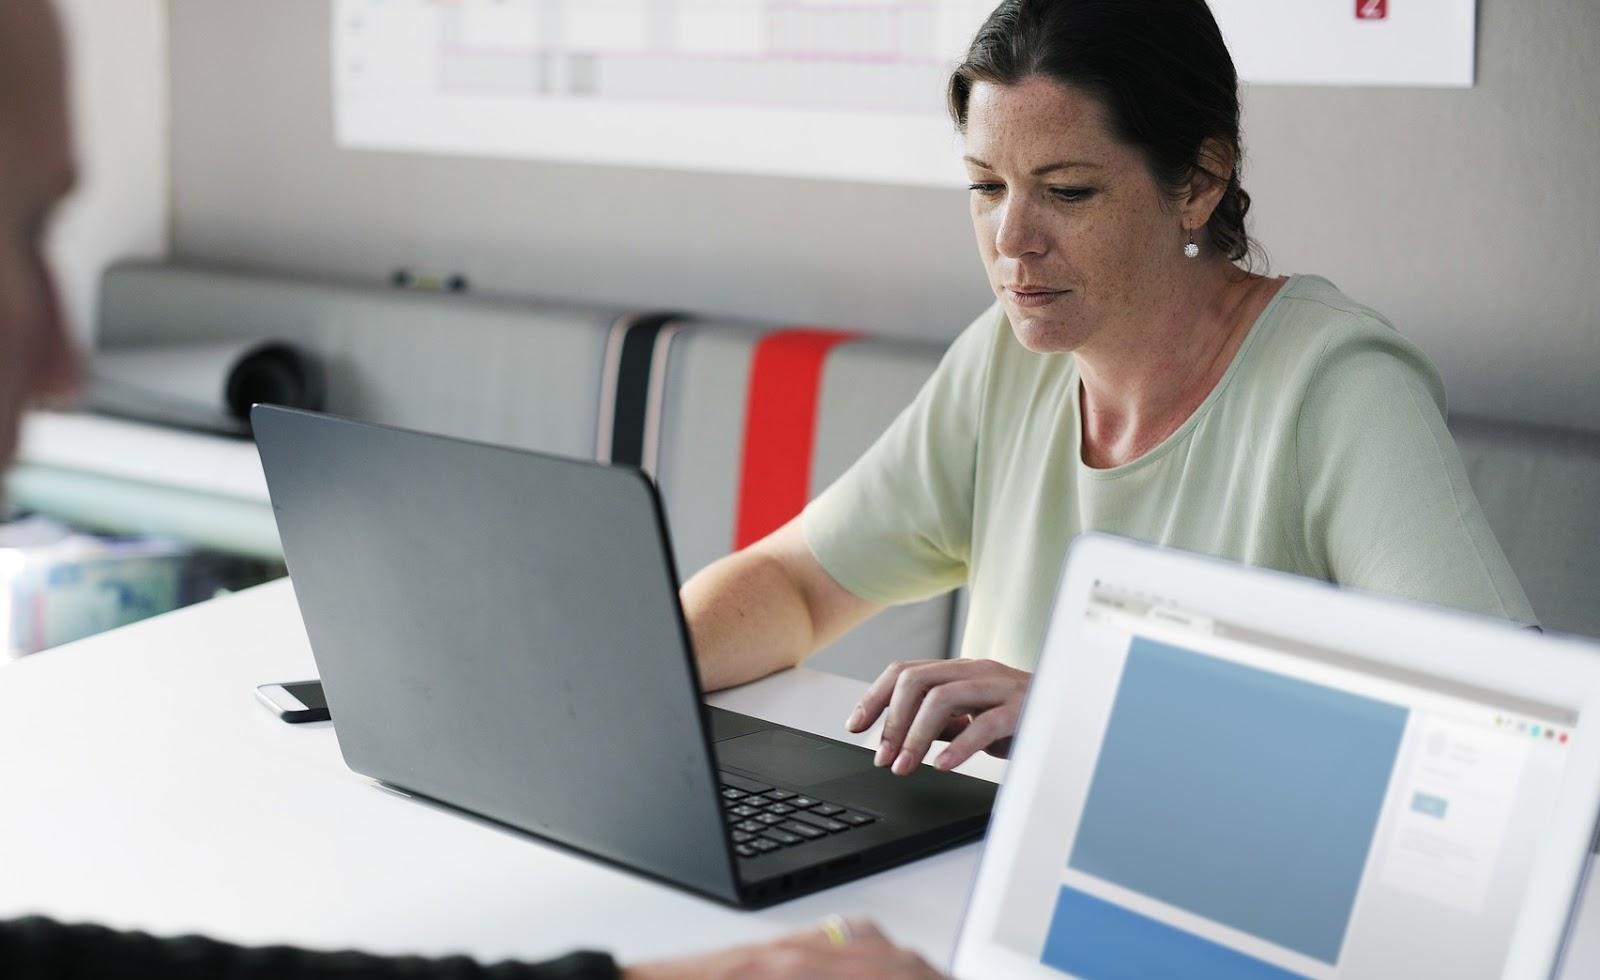 Les femmes sont payées 24% moins que les hommes en Région Sud PACA